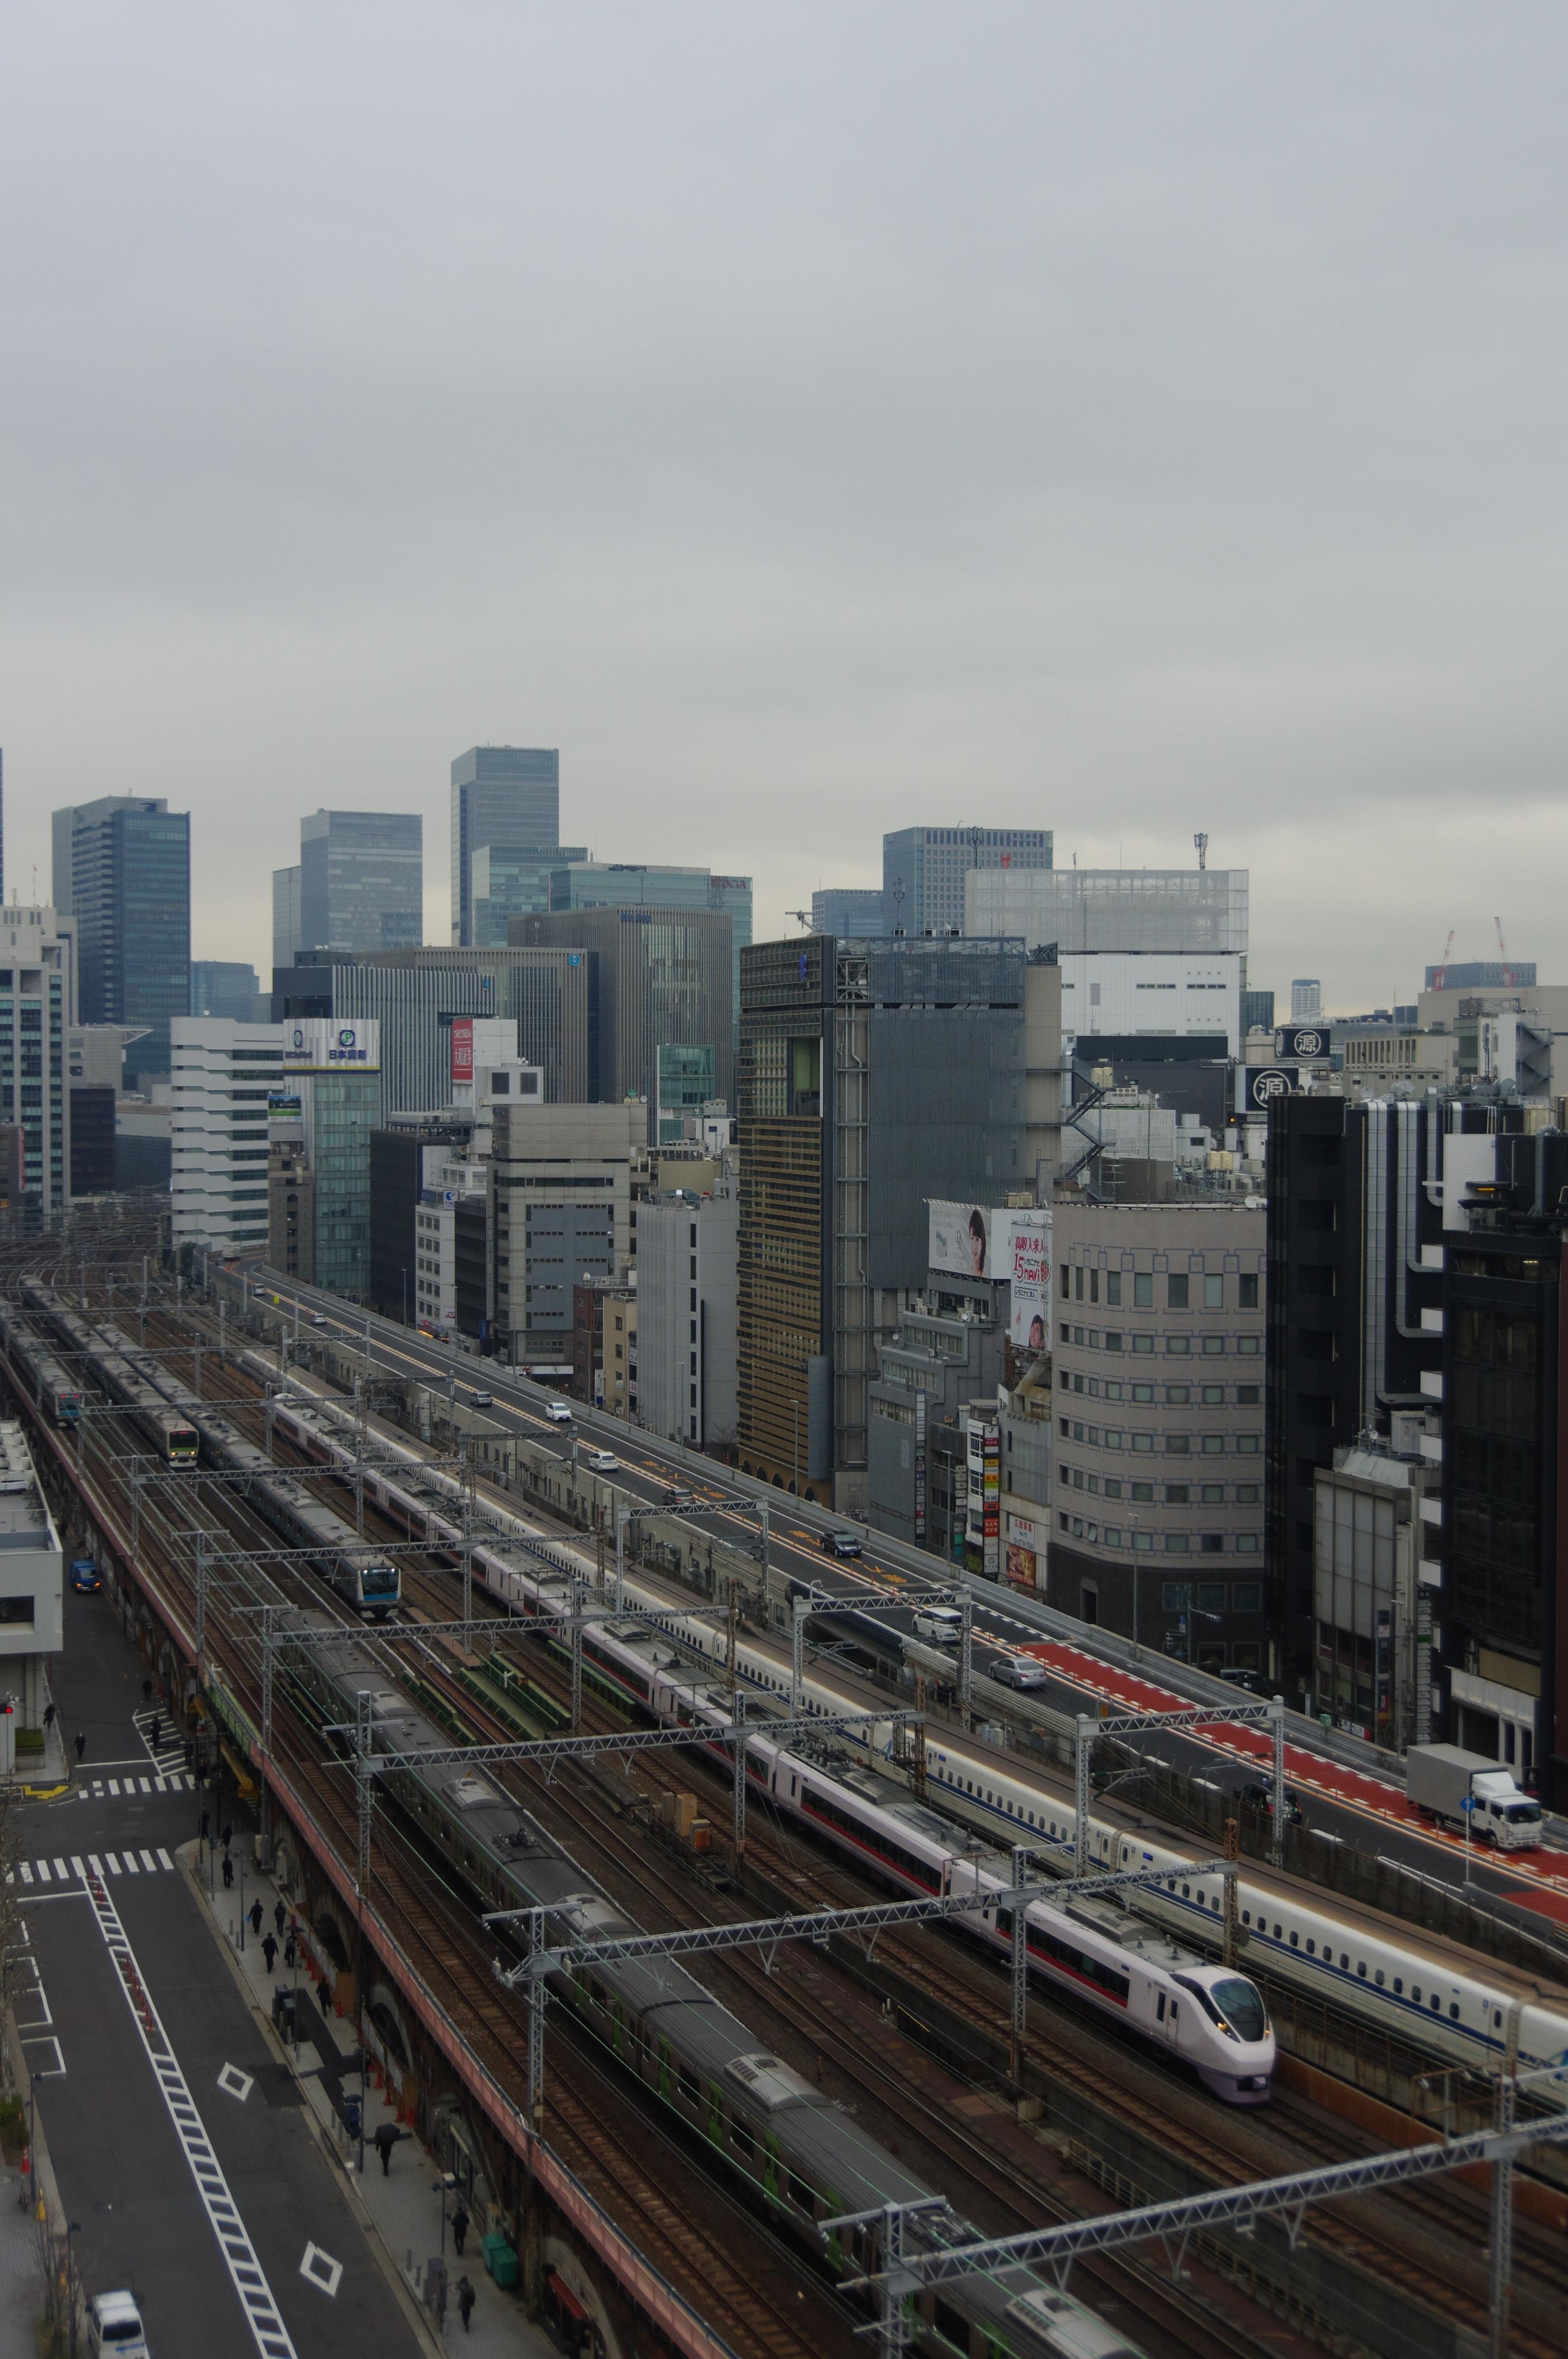 相鉄フレッサイン新橋日比谷口トレインビュー_190225 6列車.jpg